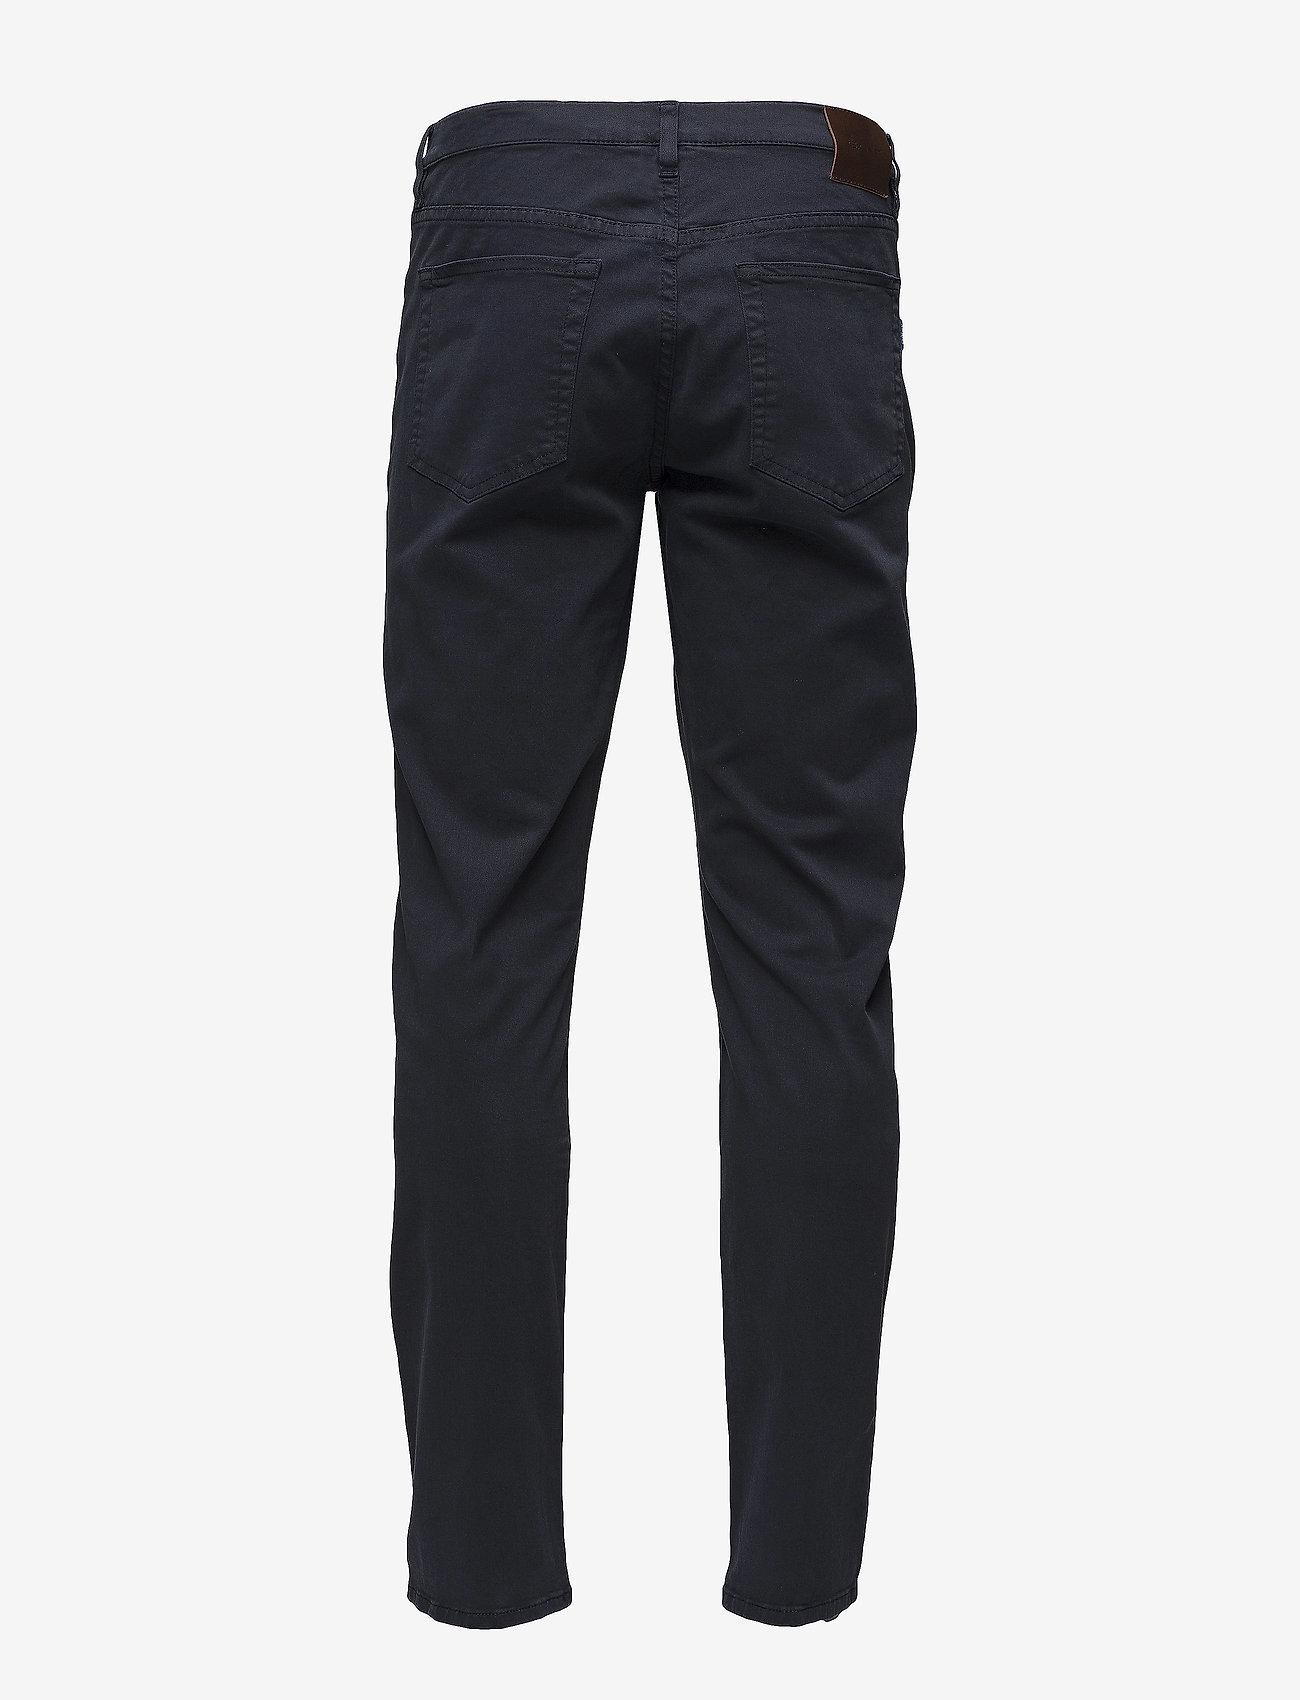 GANT - SLIM DESERT JEANS - slim jeans - navy - 1